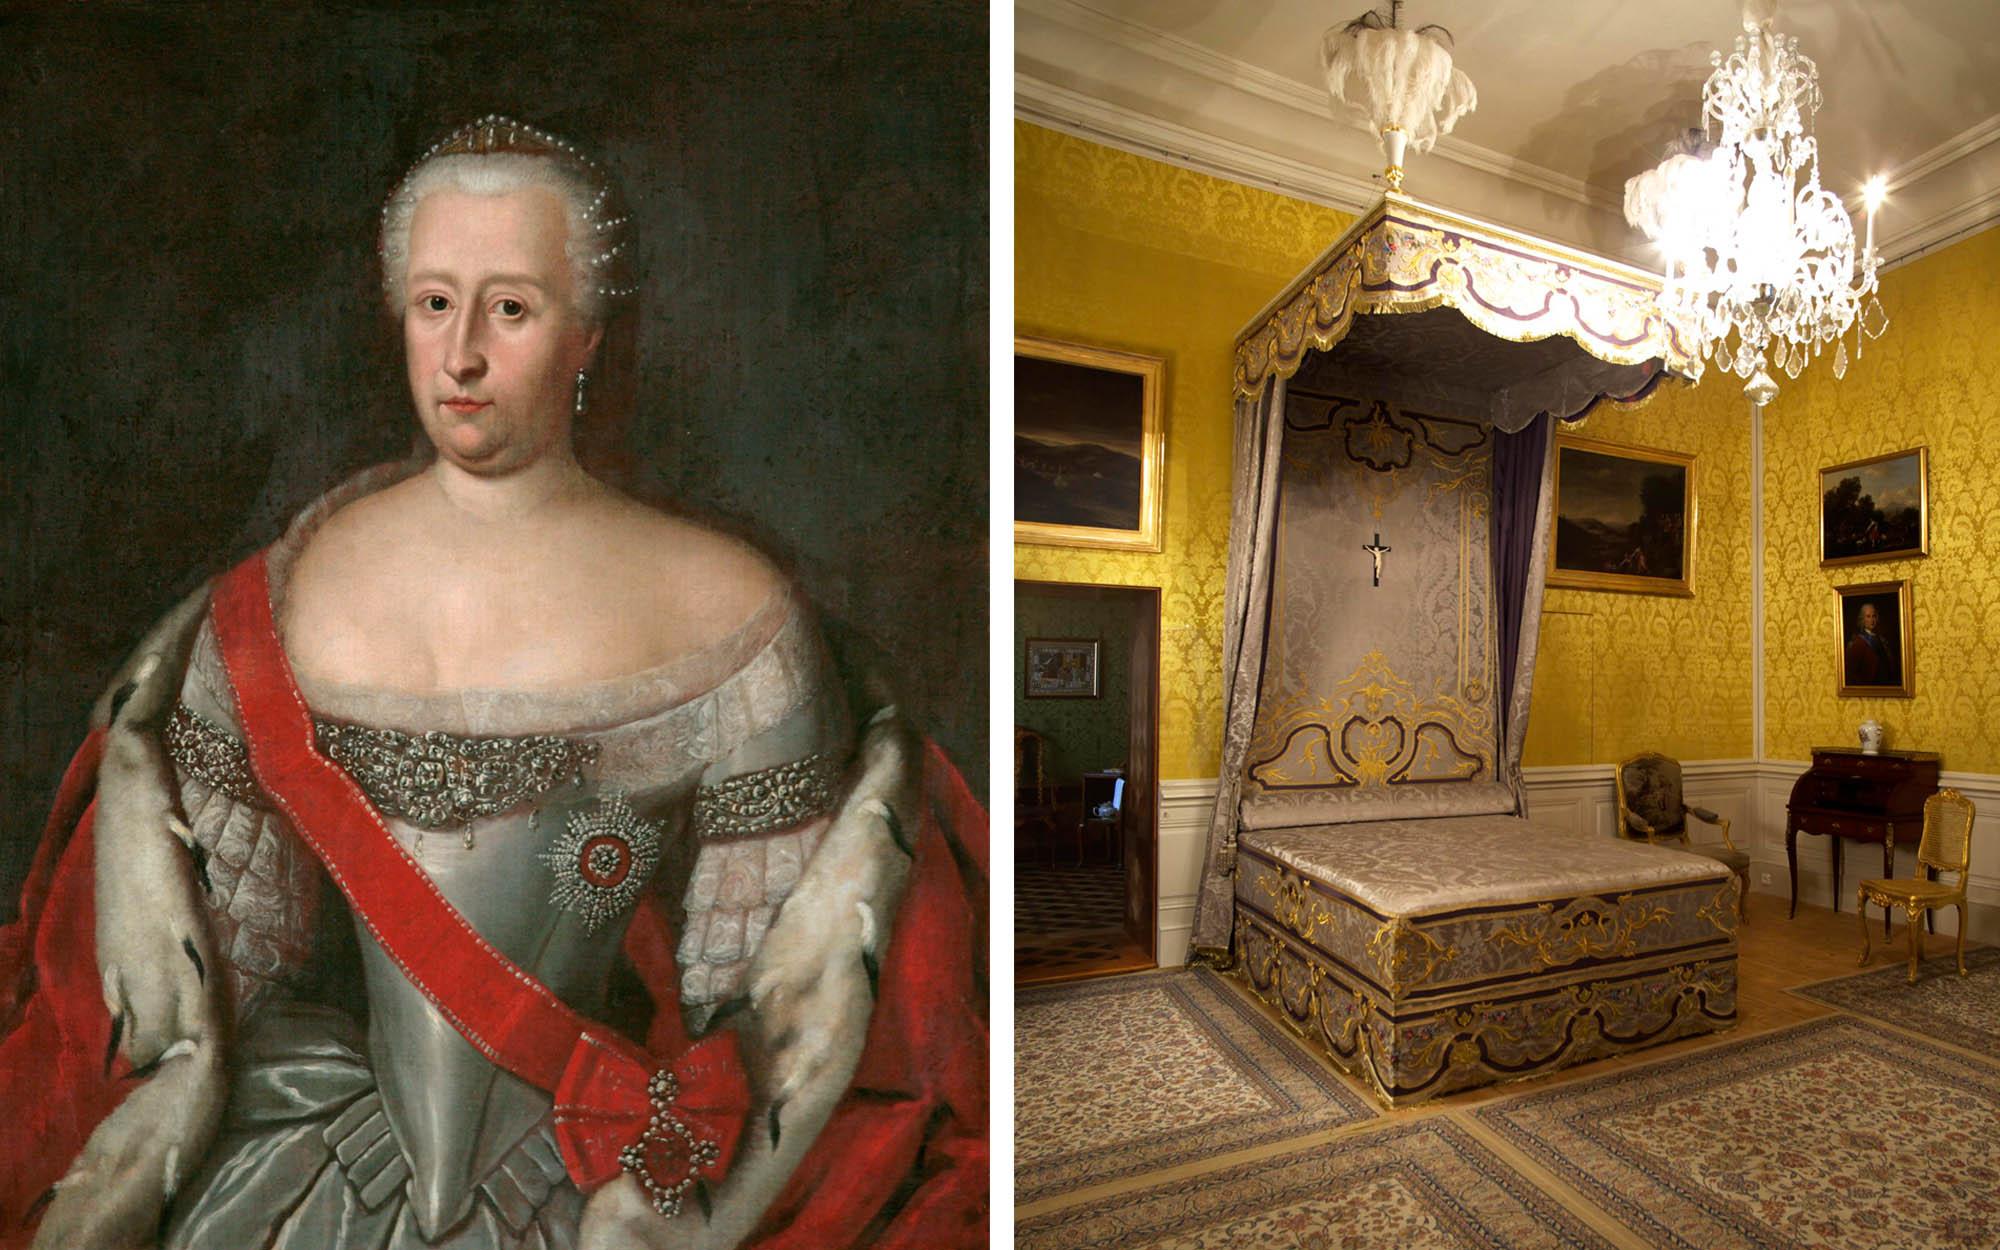 Kāpēc pie hercogienes gultas ir krucifikss? Vai tāpēc, ka viņa daudz slimoja un šī ir viņas mirstamgulta?